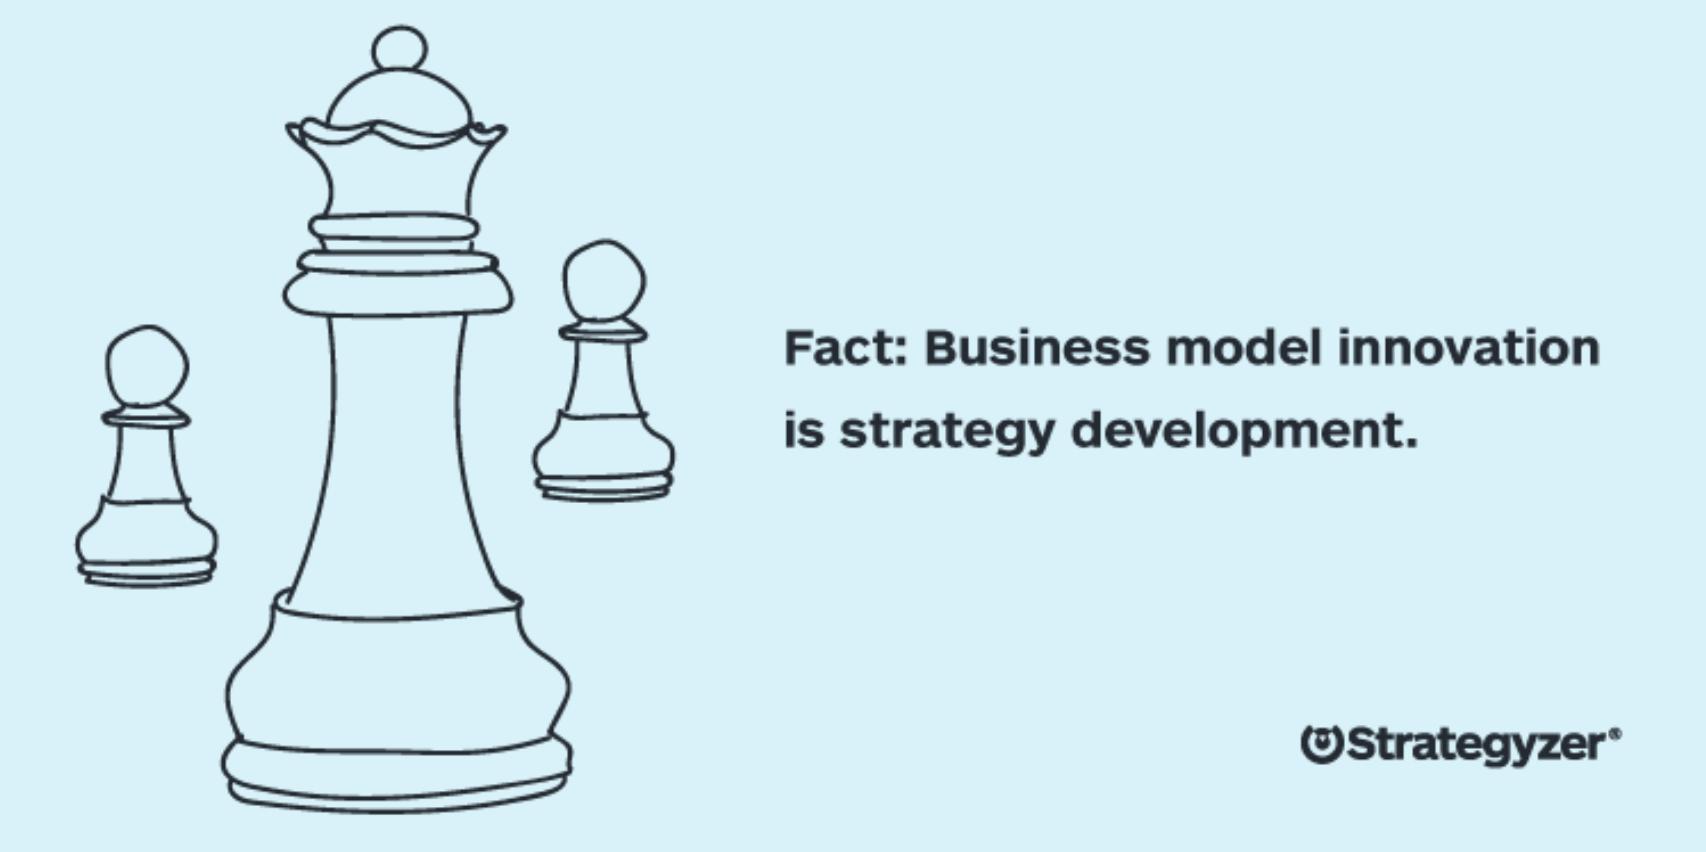 Vier wichtige Fakten zur Geschäftsmodell-Innovation für 2016 & darüber hinaus